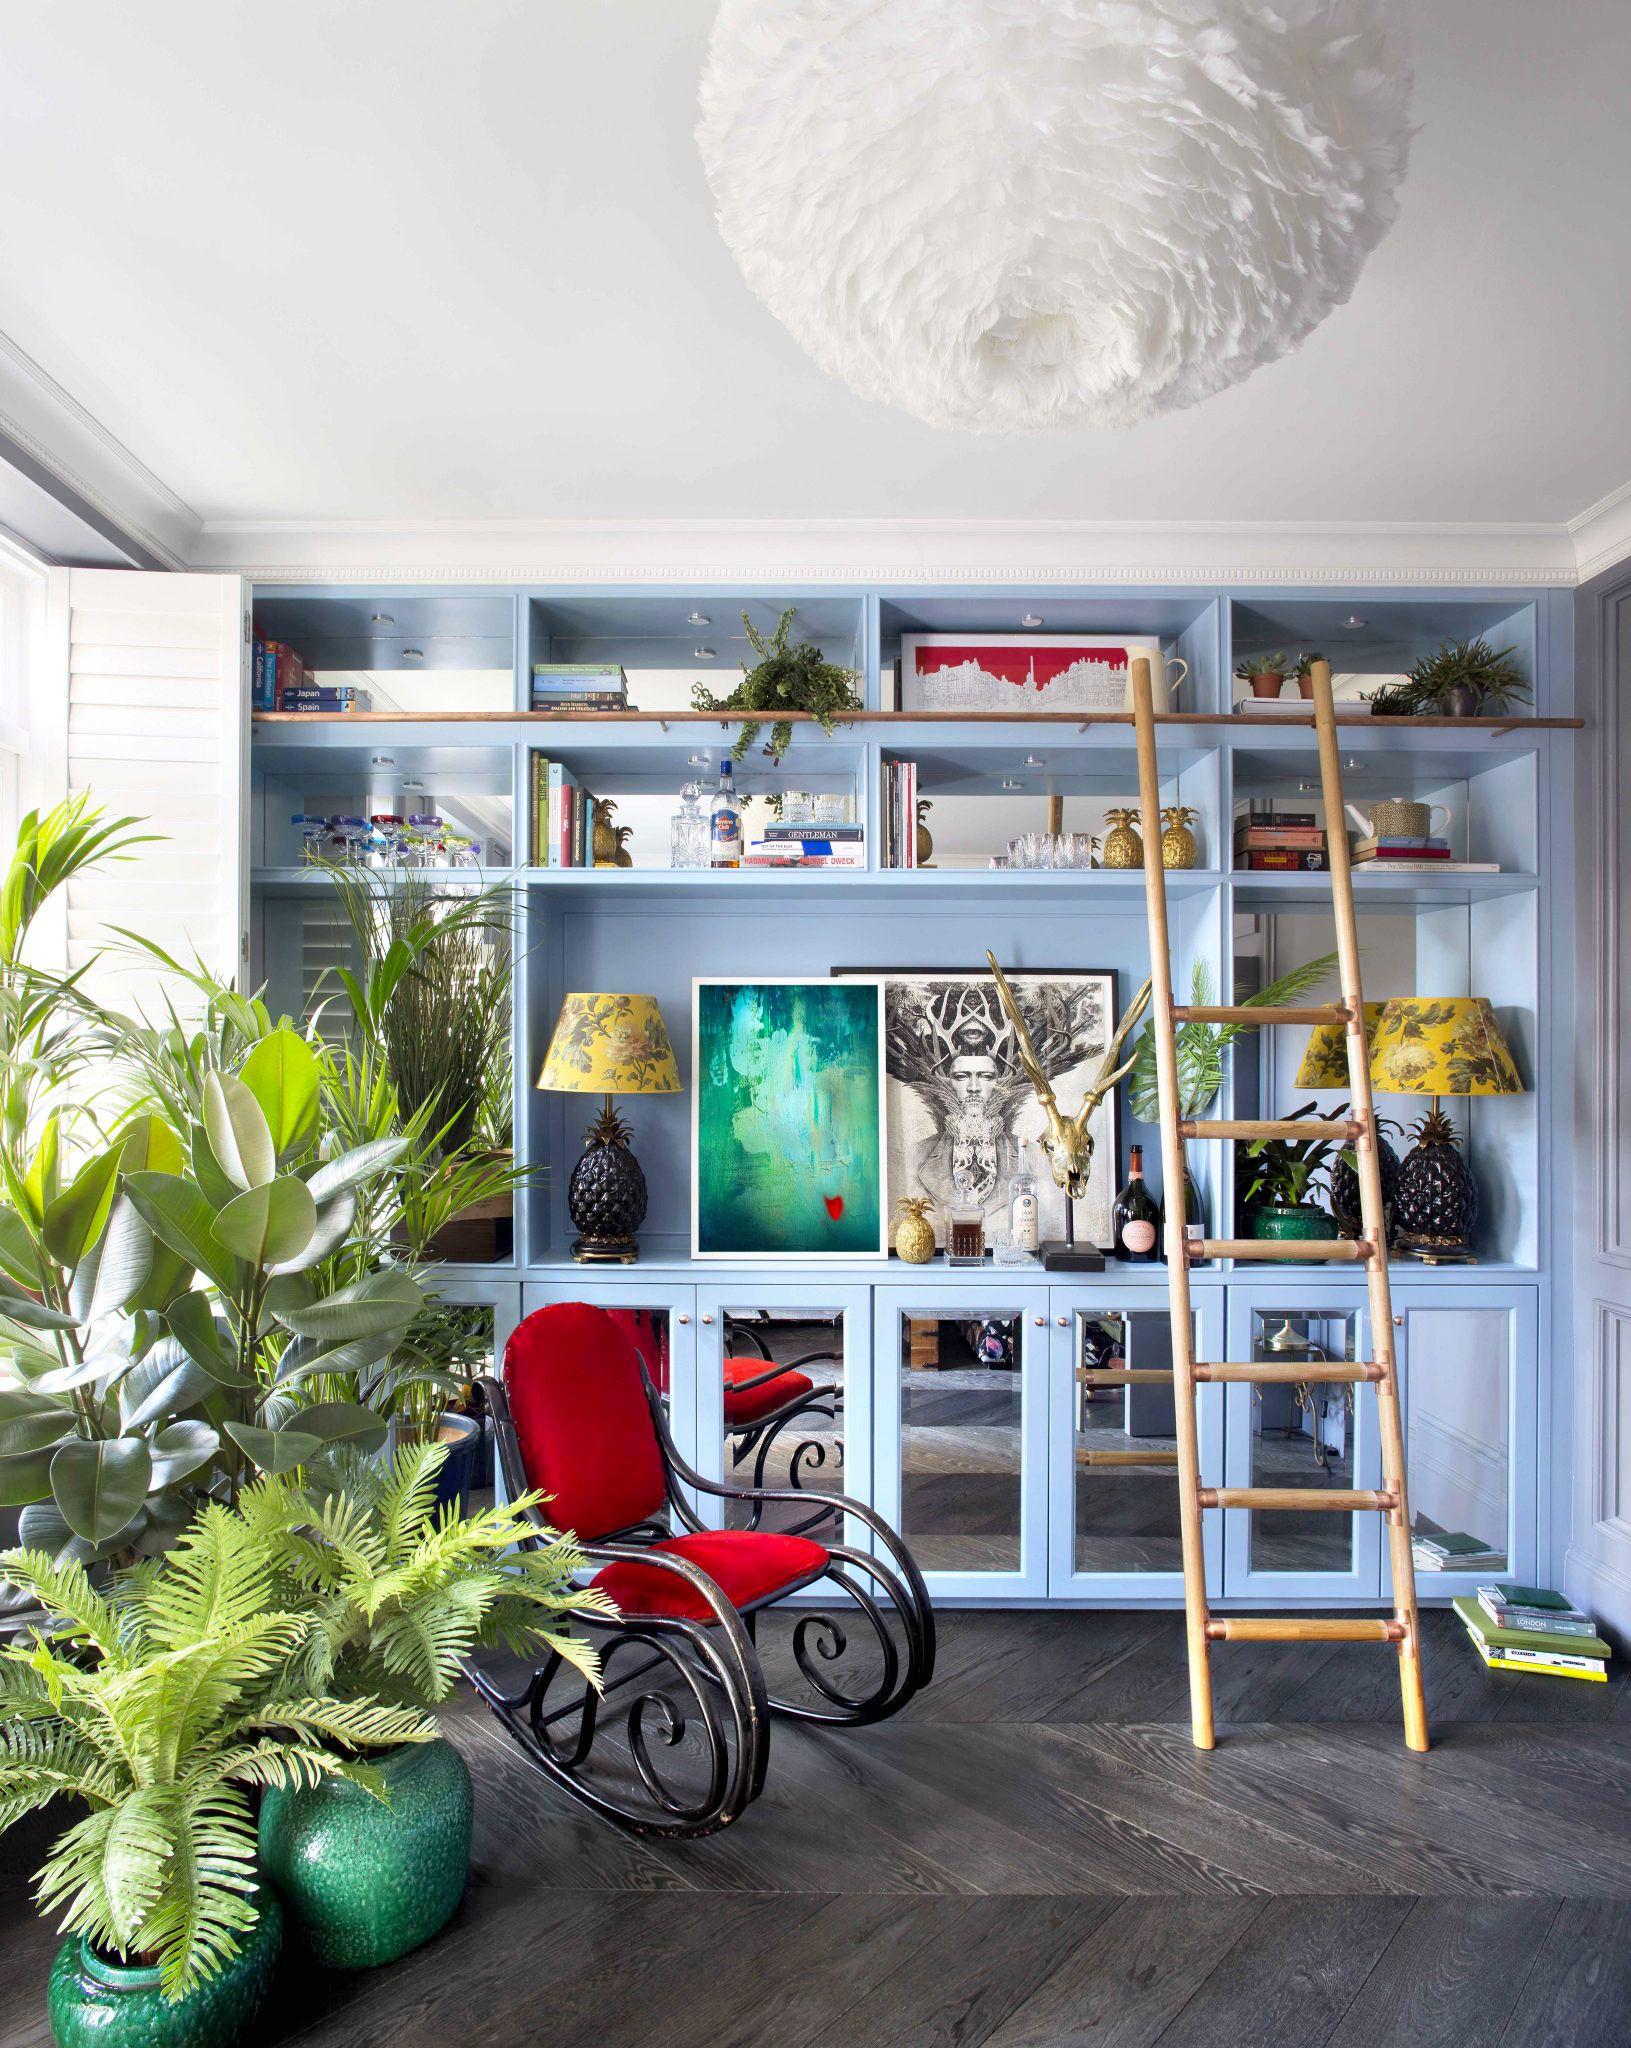 30 Pretty Sunroom Ideas - Chic Designs & Decor for Screened In Porches